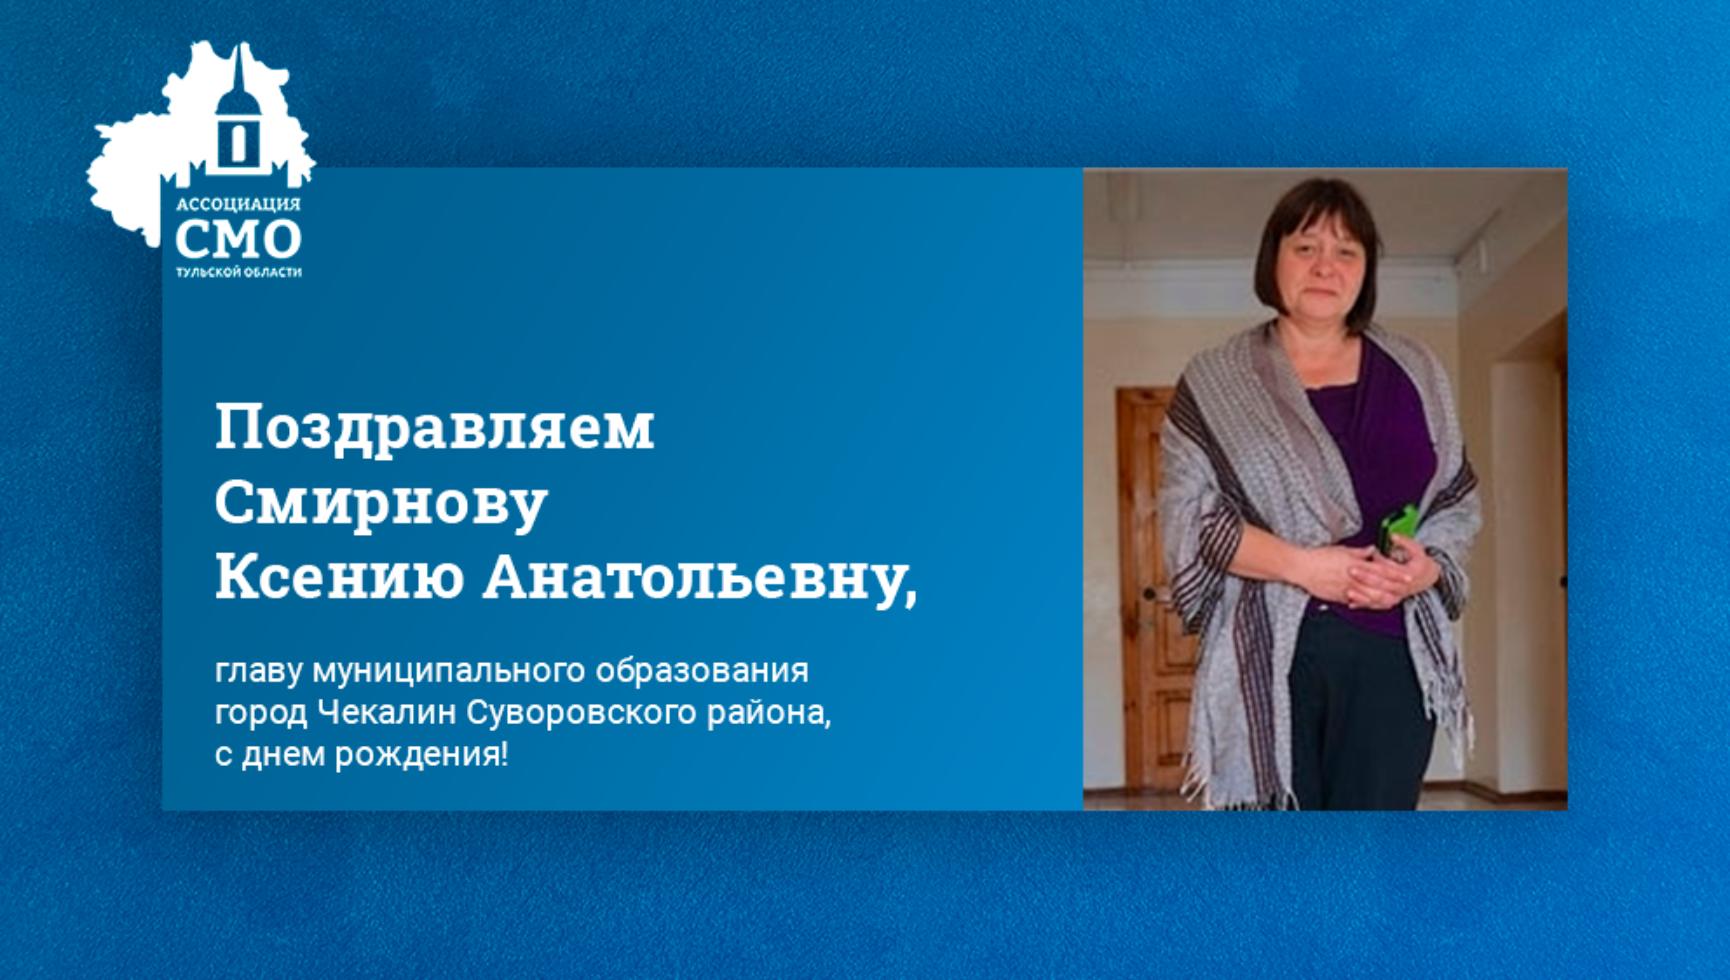 Поздравляем Смирнову Ксению Анатольевну, главу муниципального образования город Чекалин Суворовского района, с Днем рождения!